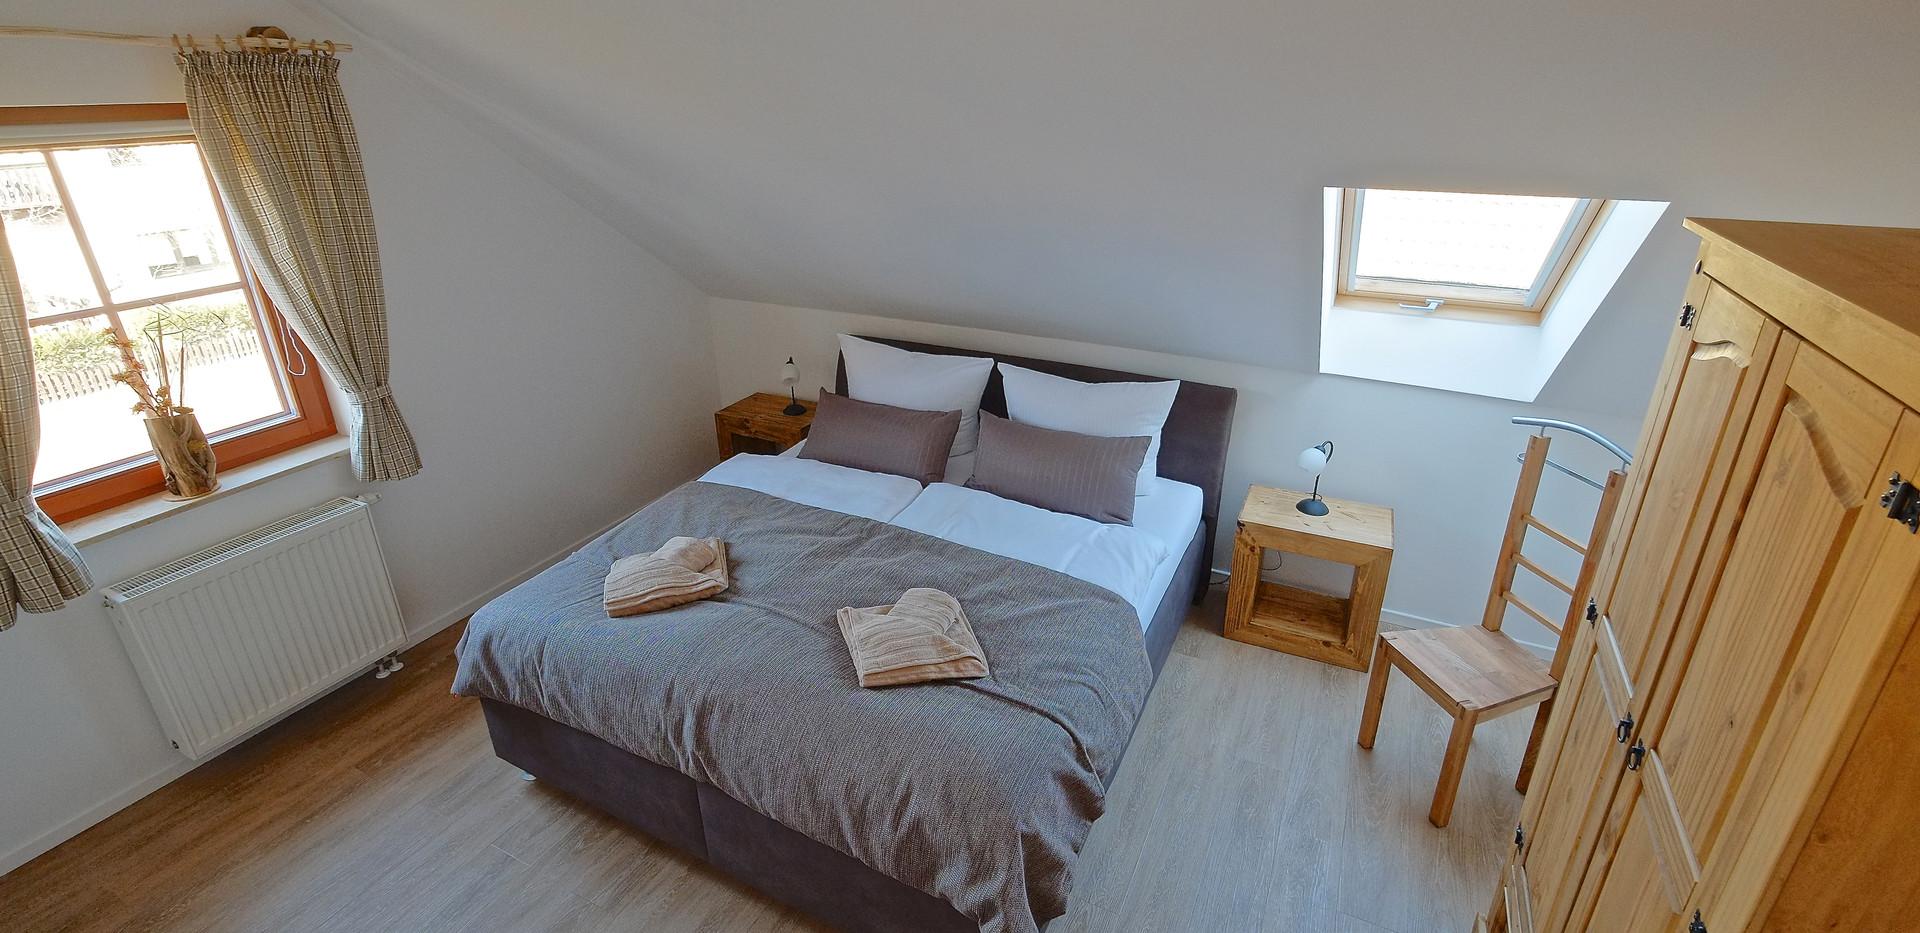 Schlafzimmer 1,DG.JPG